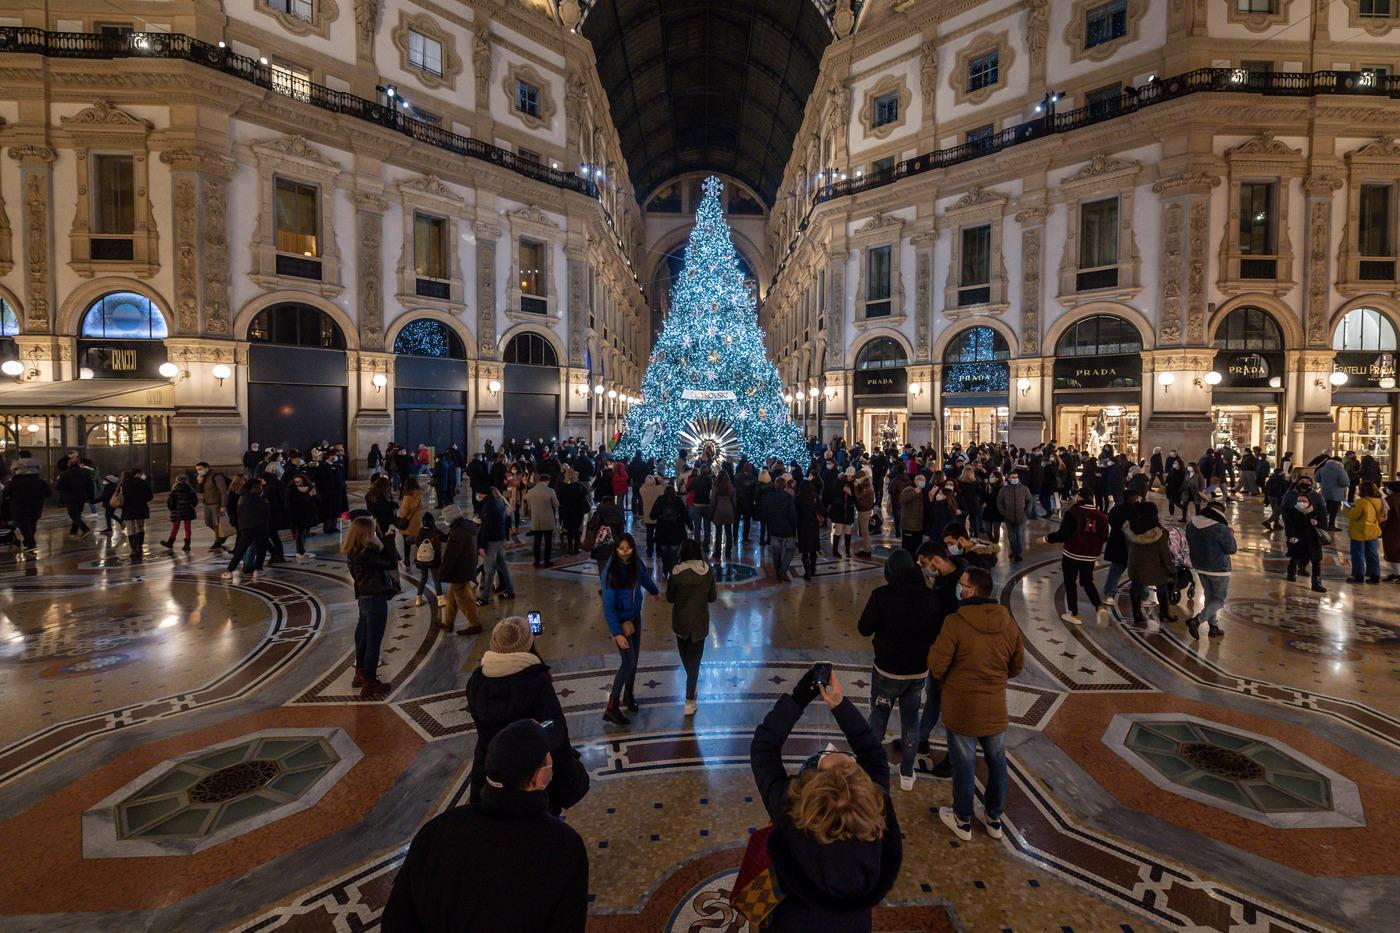 Emergenza Coronavirus, il centro di Milano nel giorno di Sant'Ambrogio